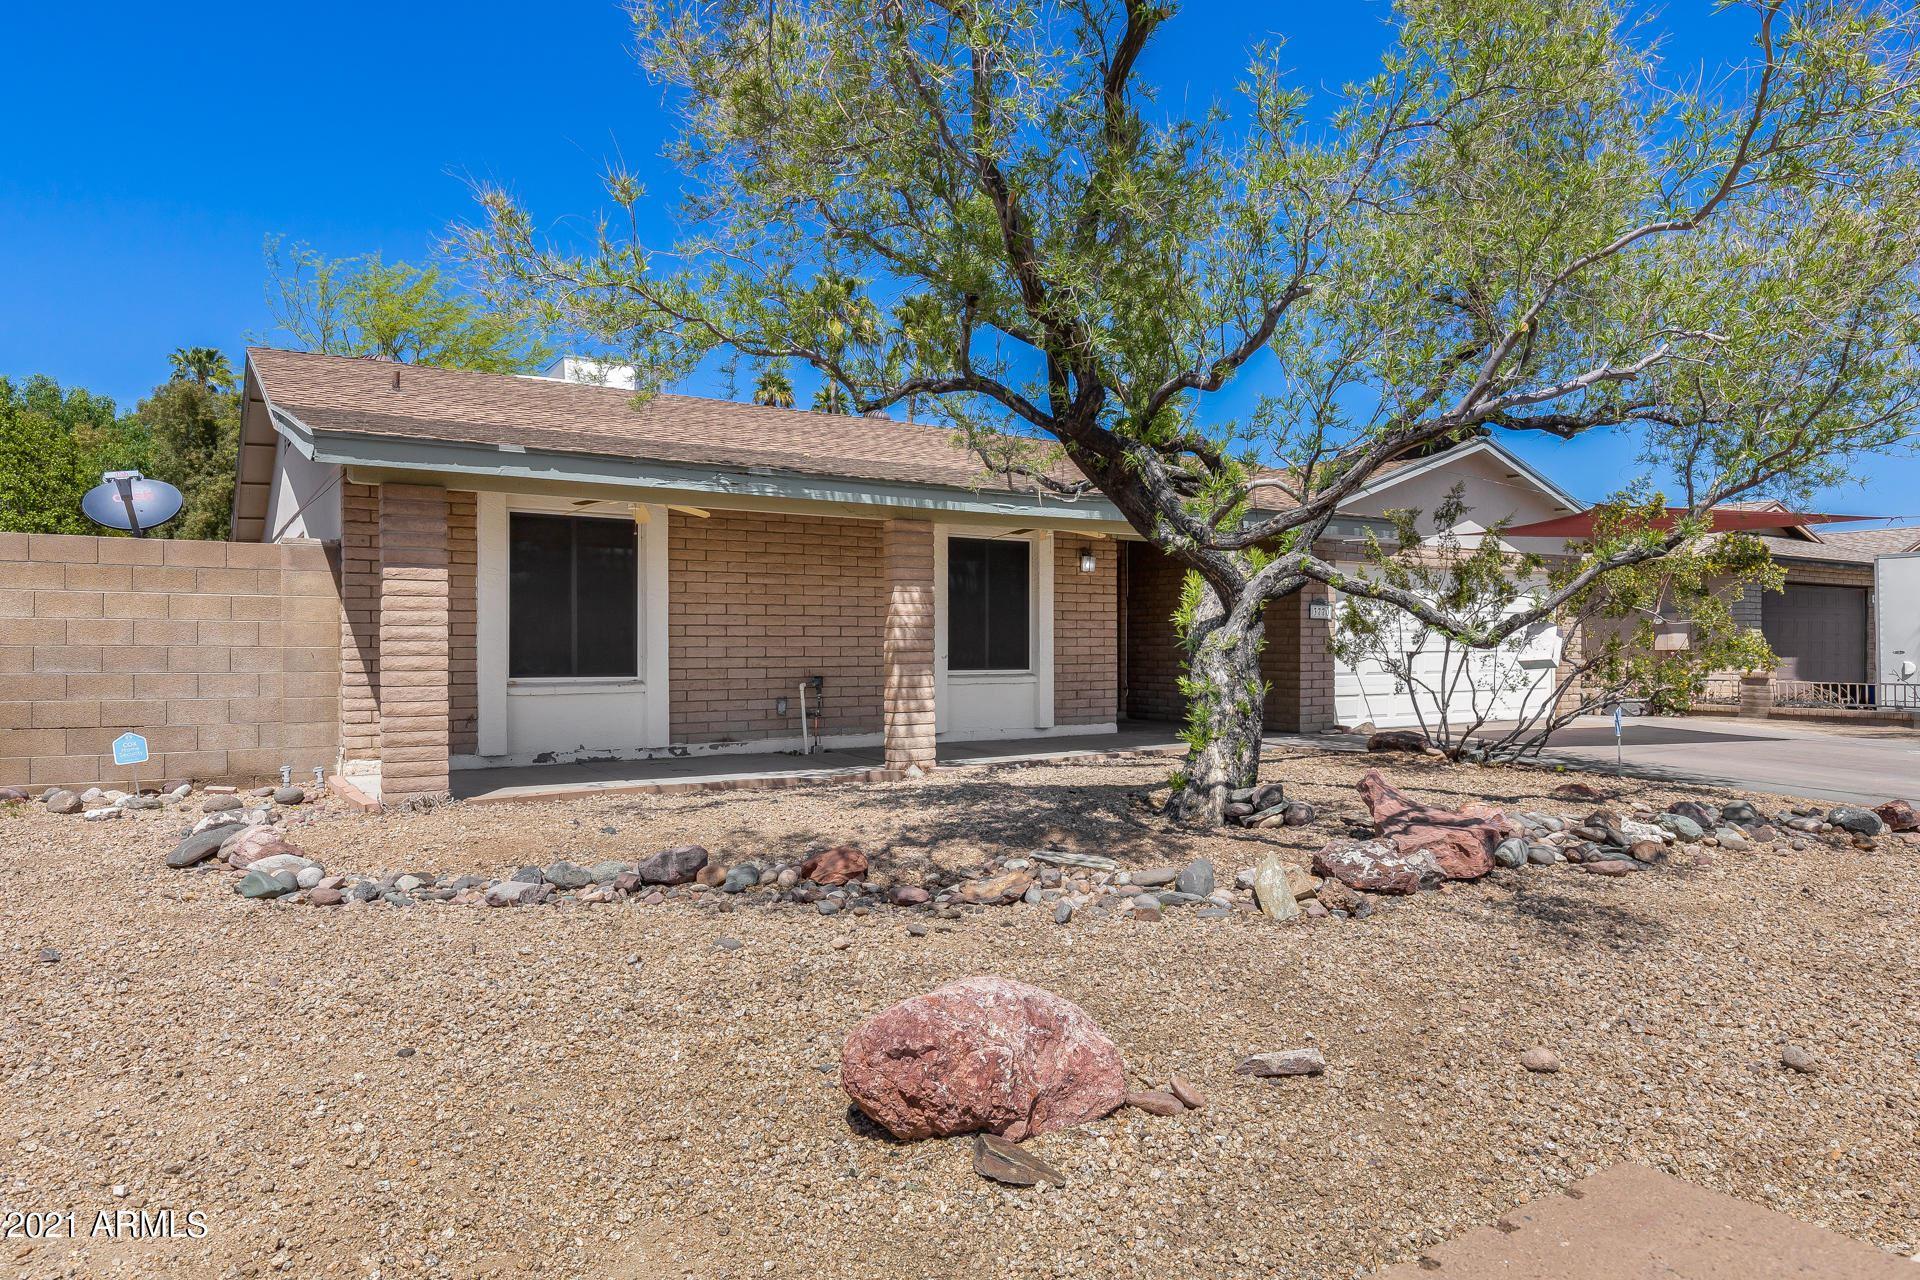 3770 W WOOD Drive, Phoenix, AZ 85029 - MLS#: 6220470